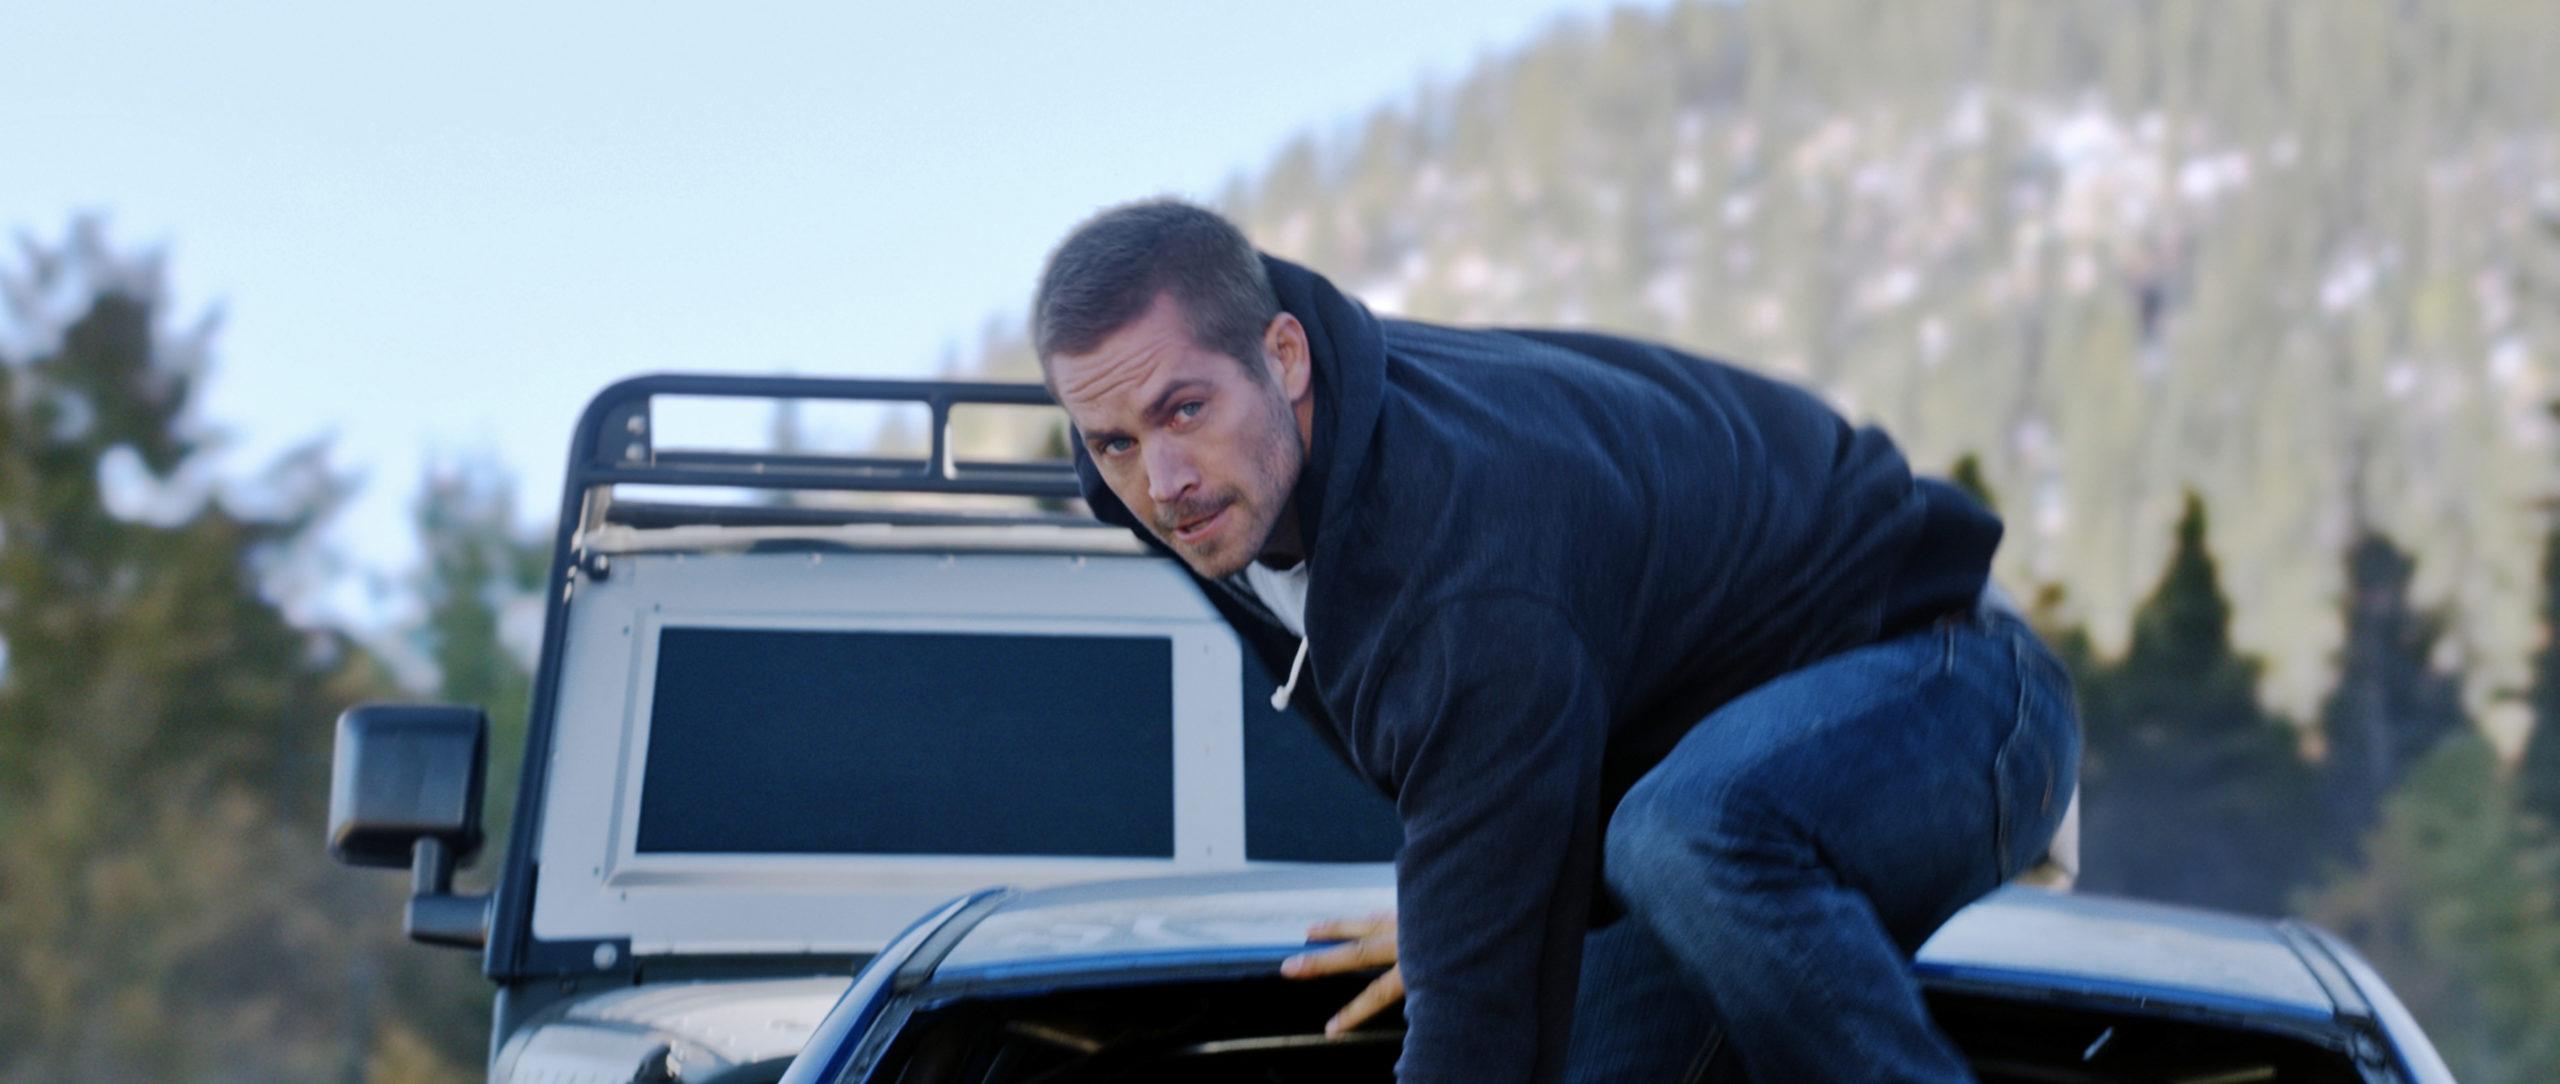 Movie Review – Furious 7